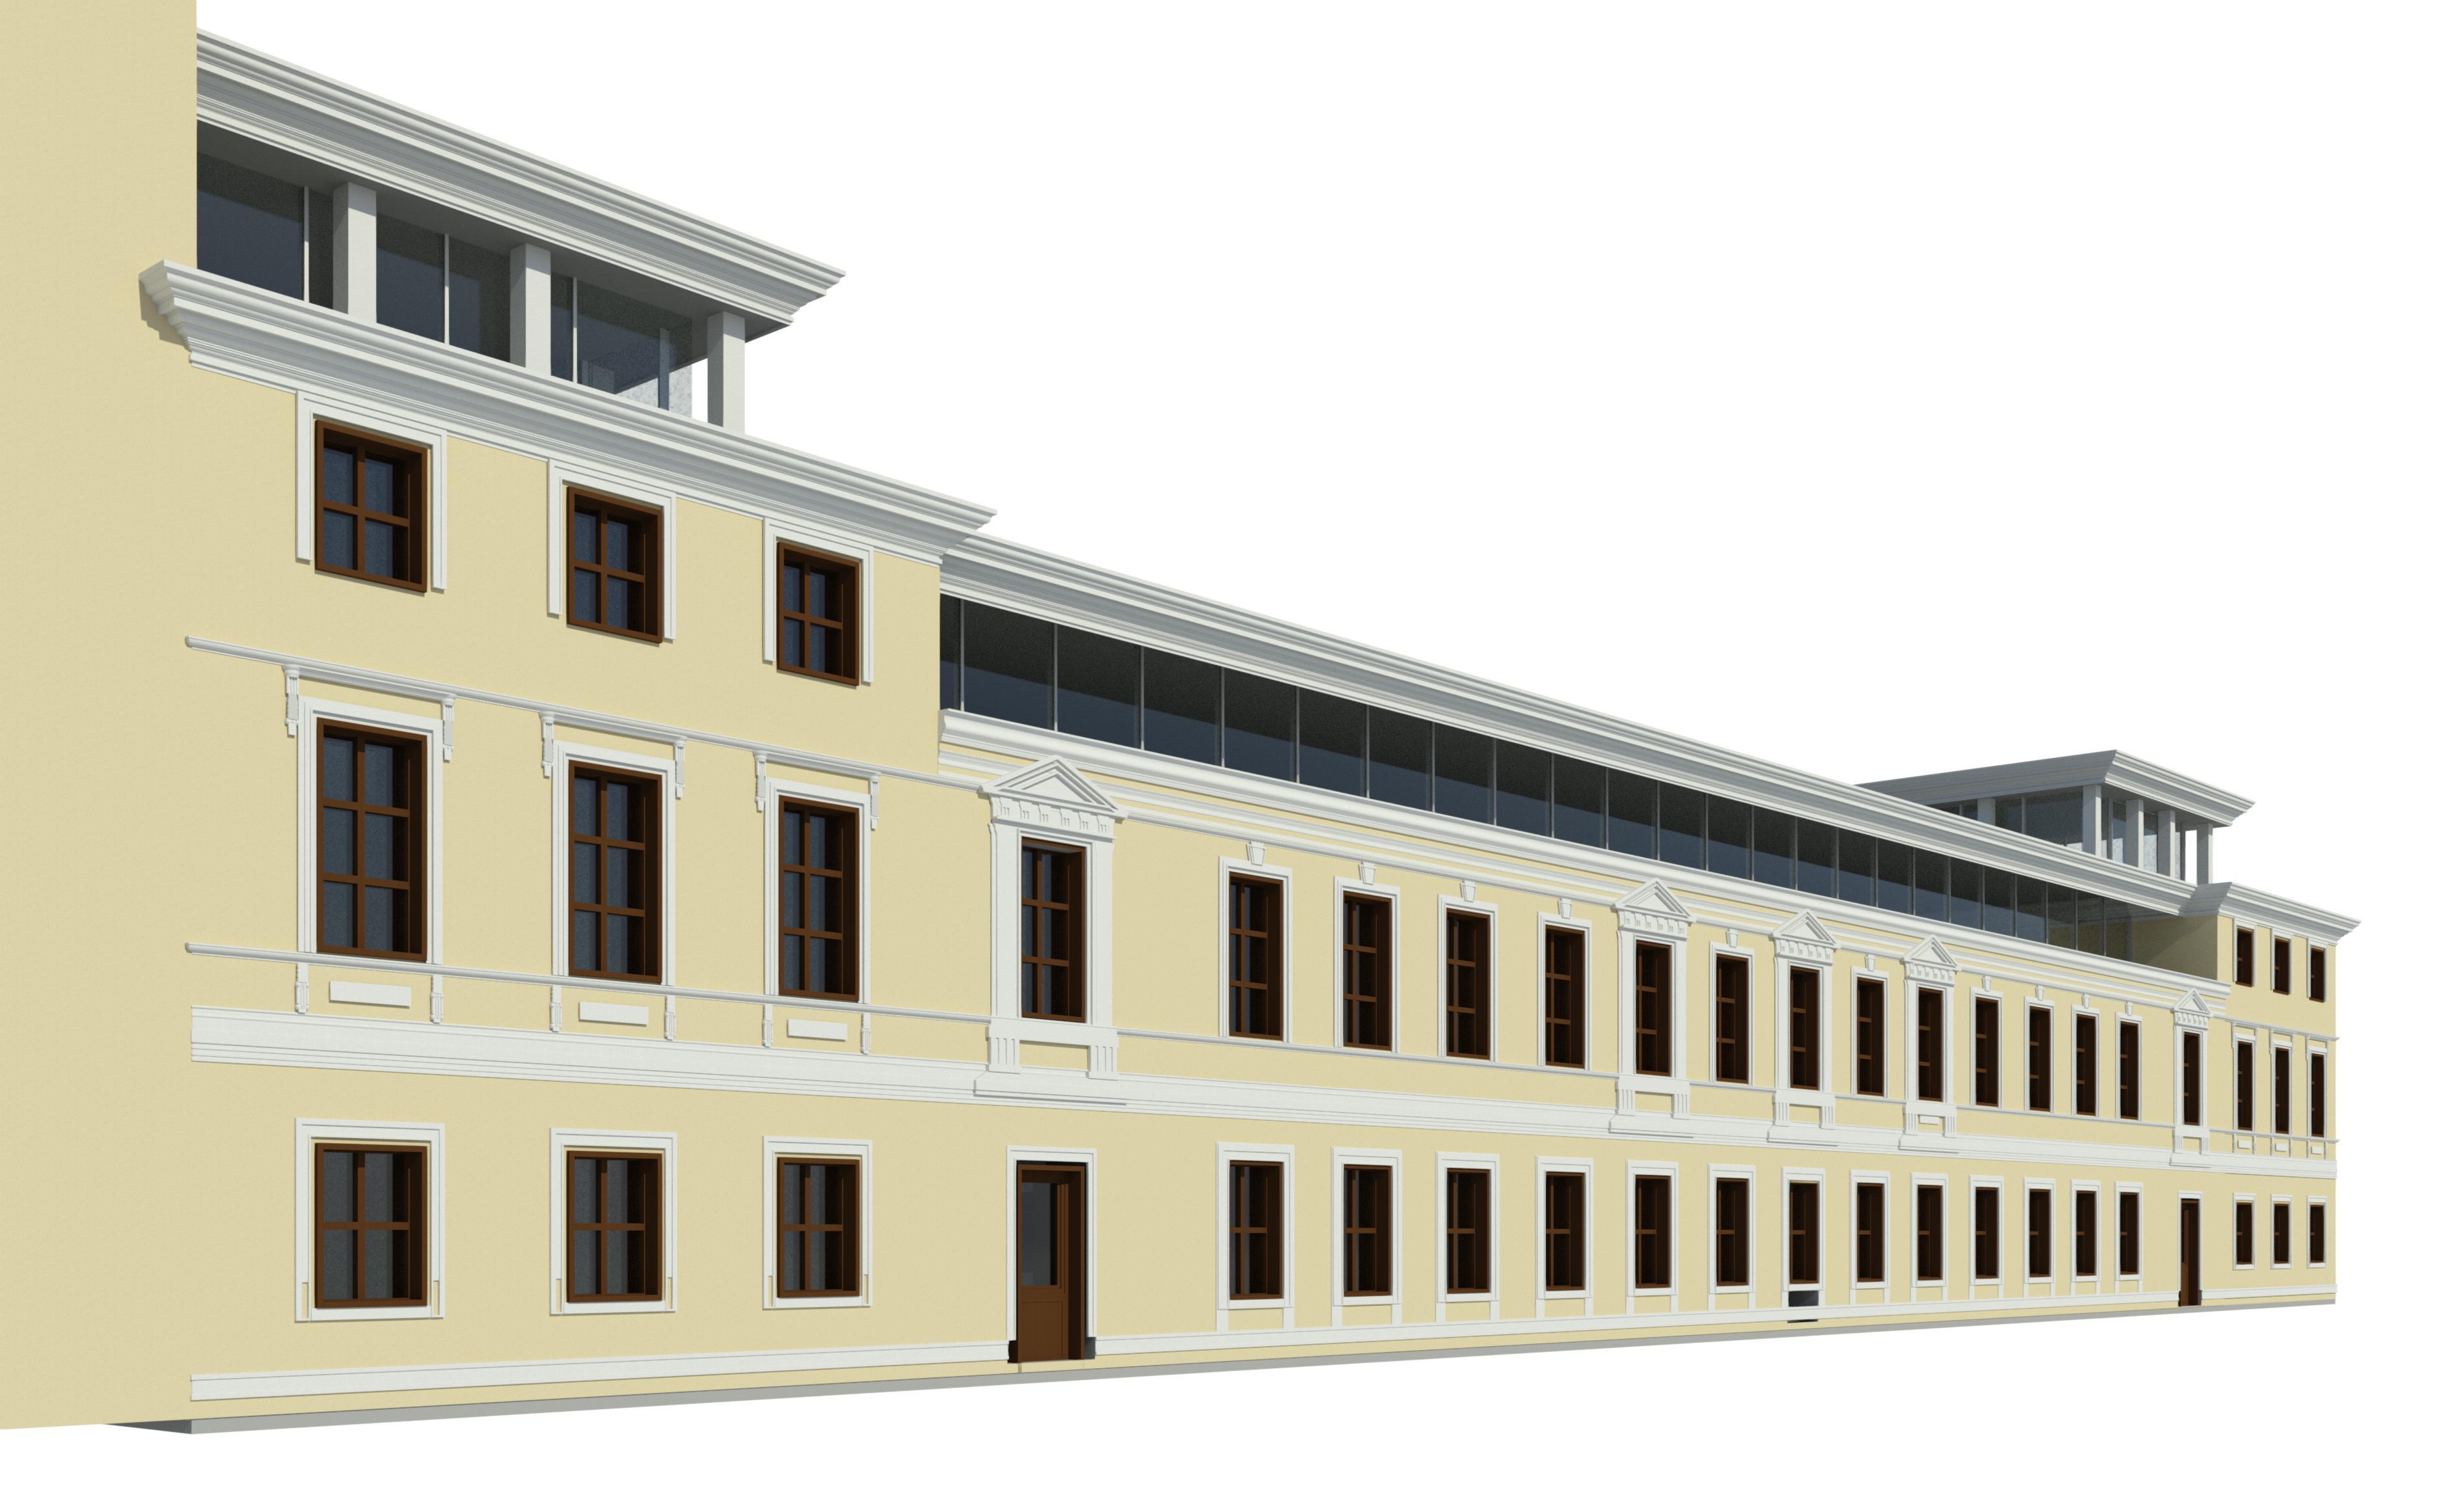 Концепция достройки фасада исторического здания фото f_5215c0a1cc9c042f.jpg